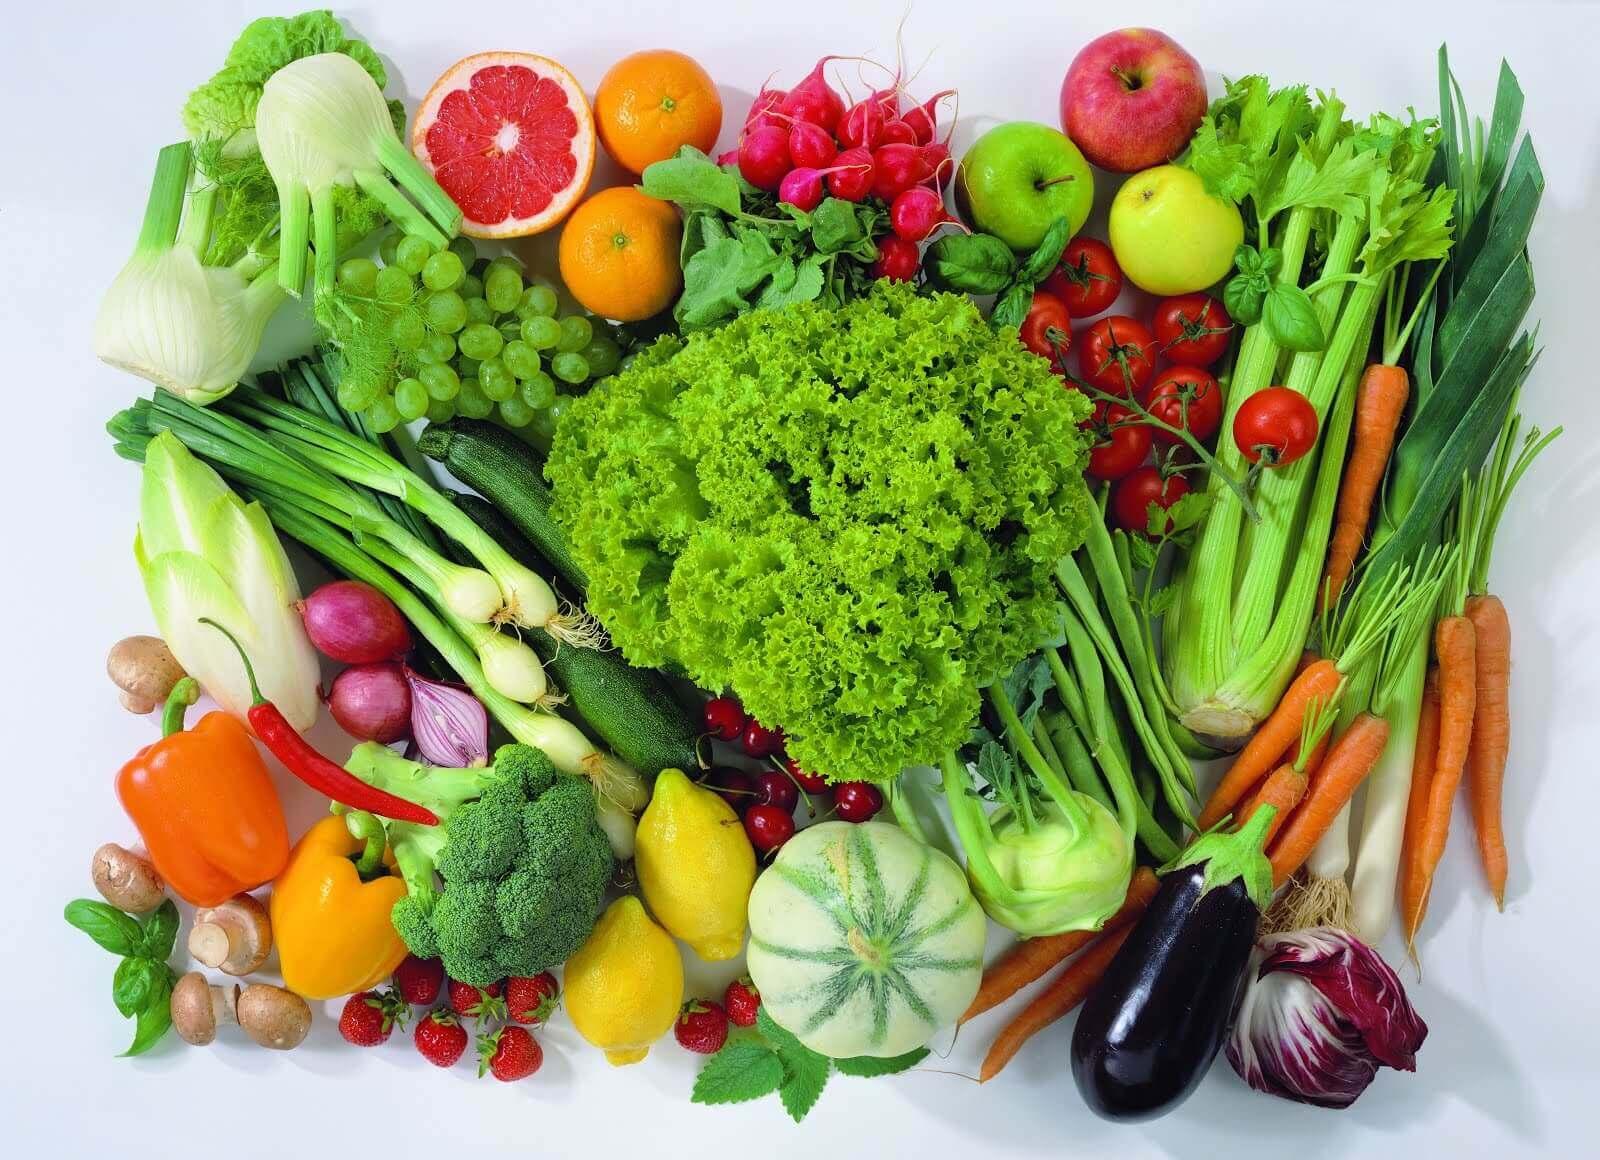 warzywa i owoce w cukrzycy. Diabetycy muszą się odżywiać zdrowo